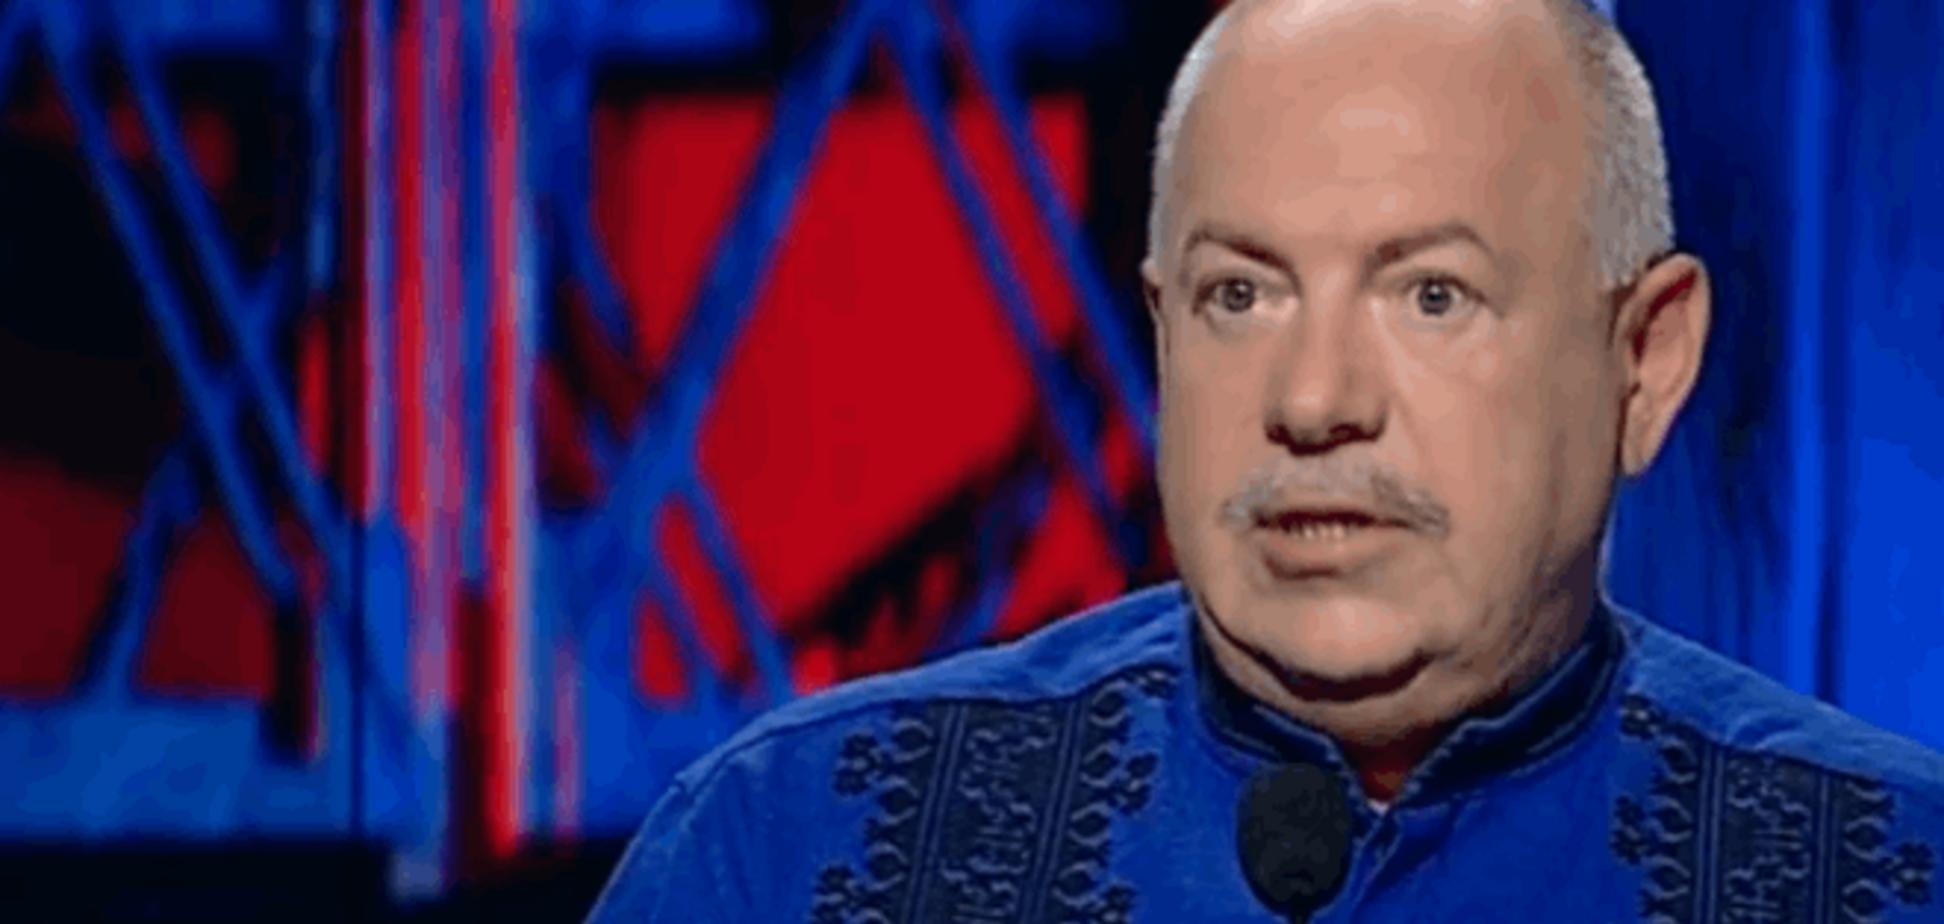 Піскун: гідра корупції та всіх проблем знаходиться в Києві